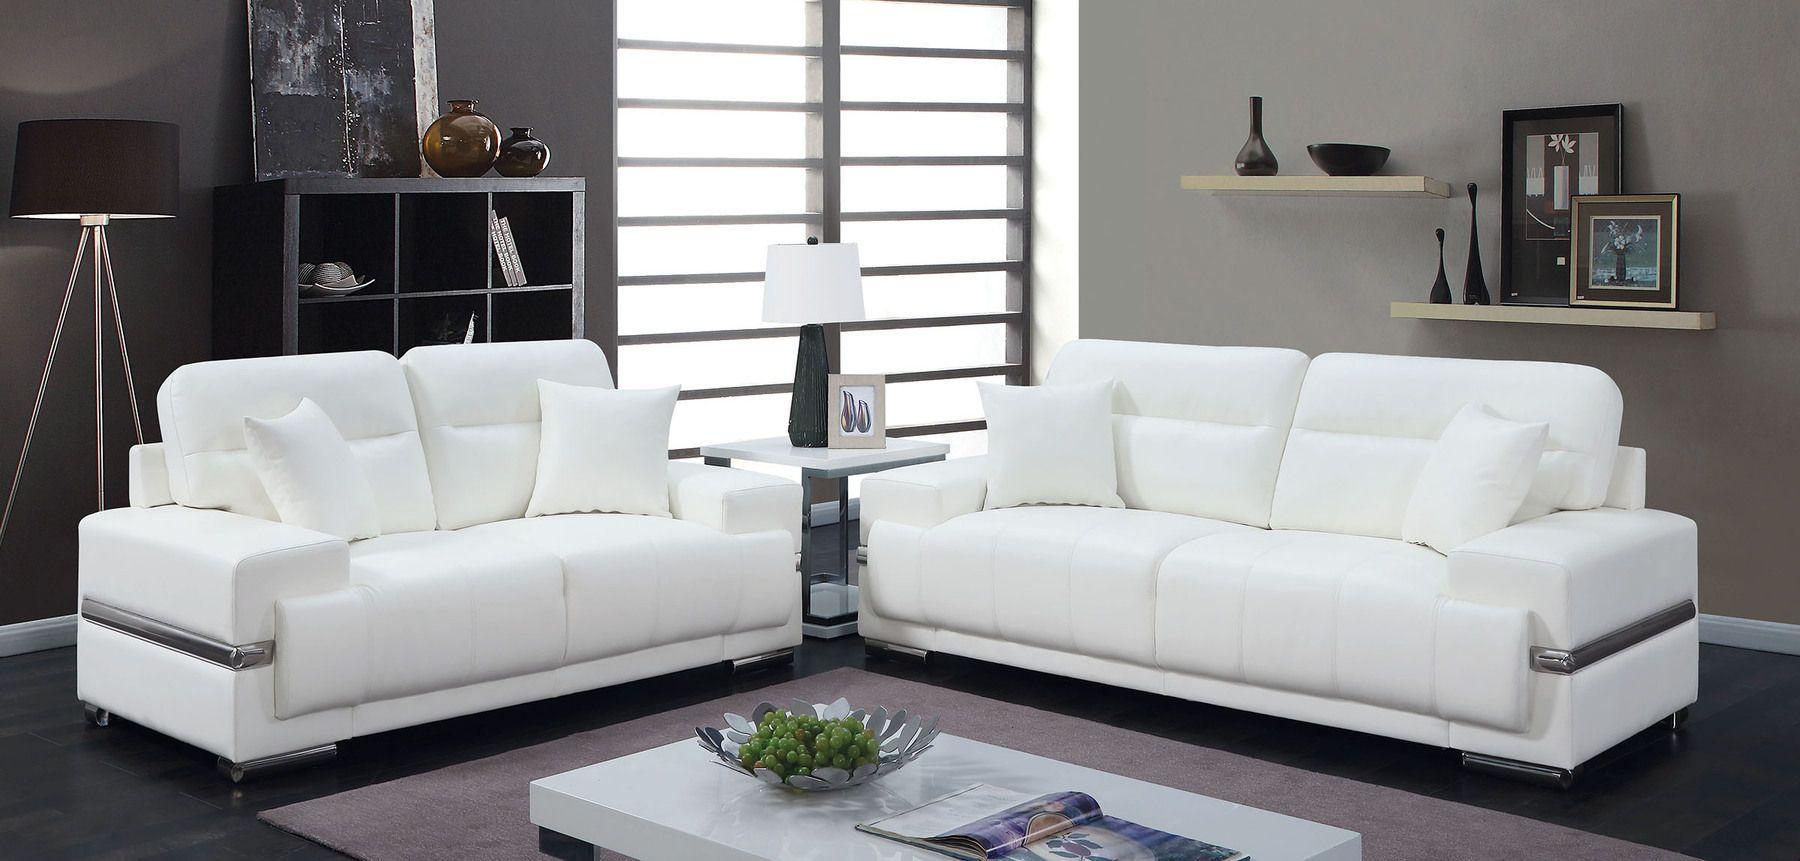 Furniture Of America Zibak White Contemporary Leatherette